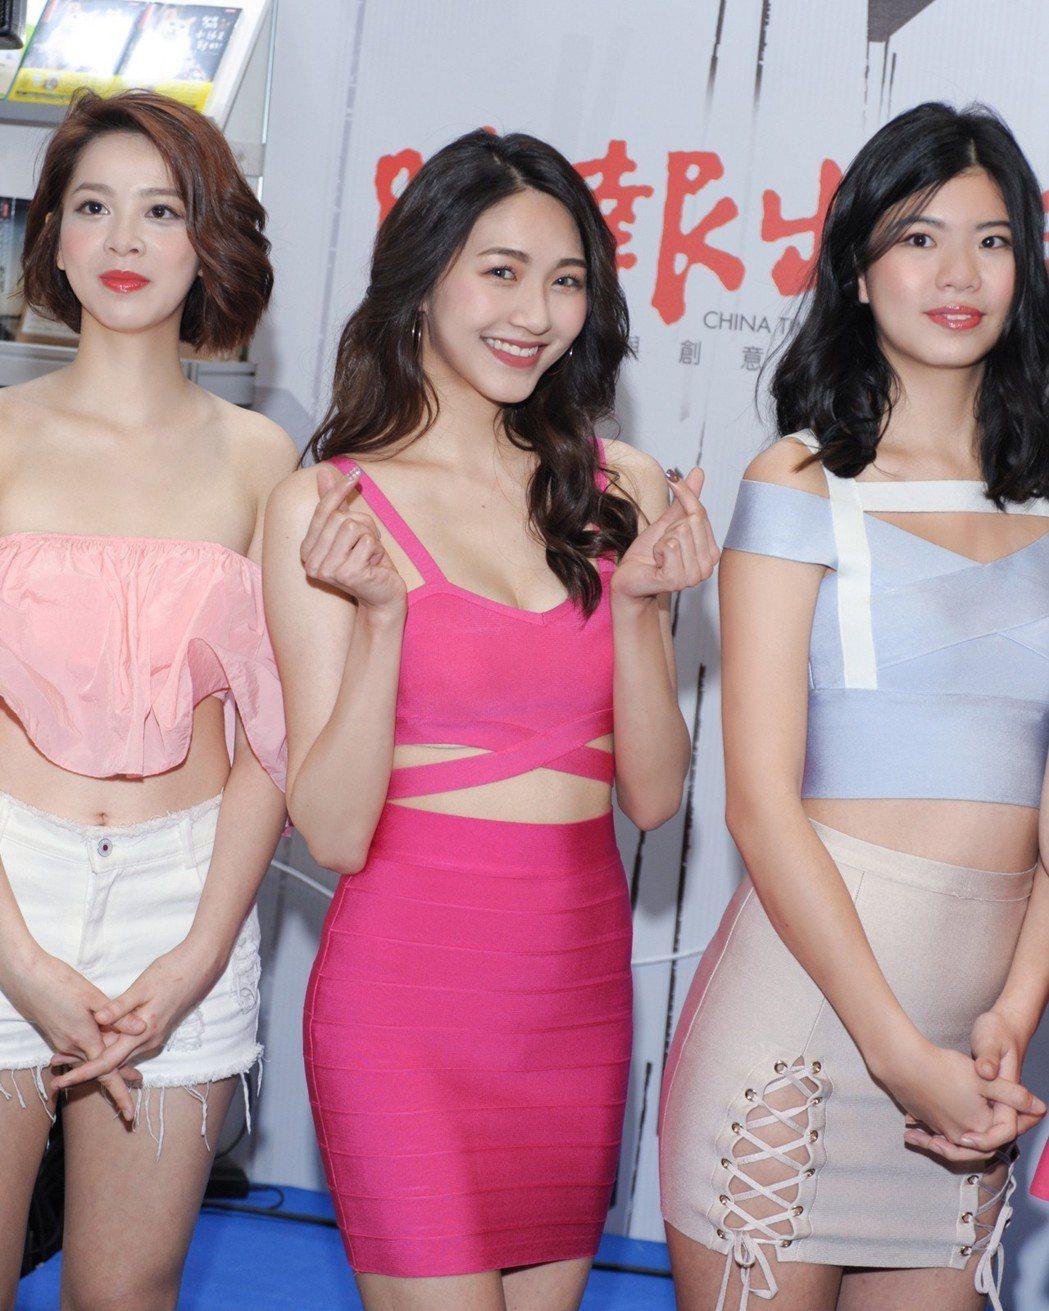 撲克牌女孩蔡祥(左起)、李元圓、林佳葦爆乳出席粉絲會。圖/伊林提供